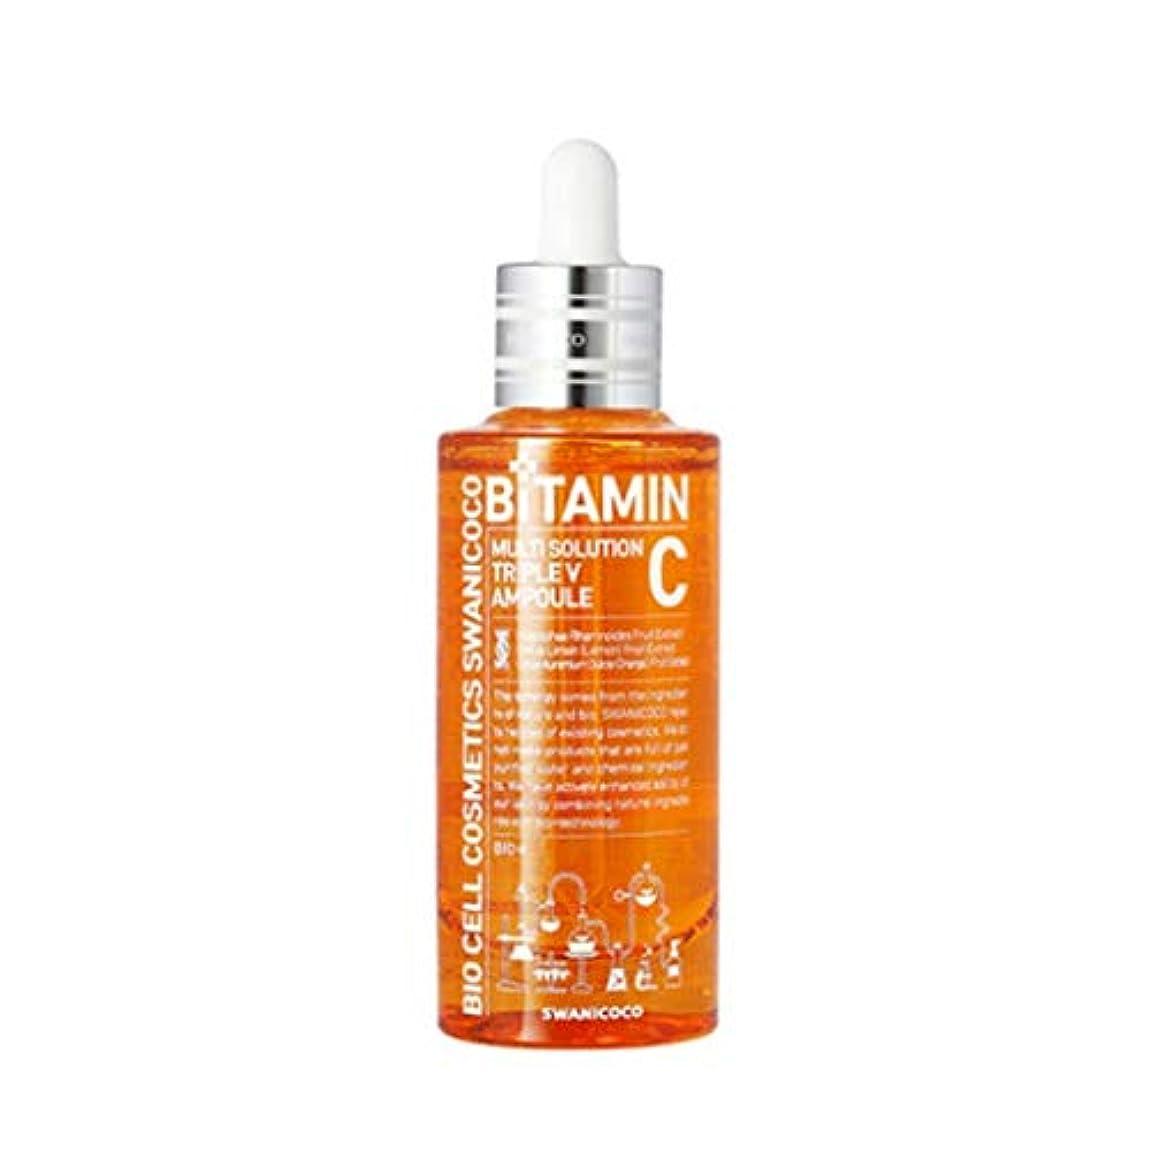 ギャラントリー礼儀プロフェッショナルスワニーココマルチソリューショントリプルVアンプル50ml韓国コスメ、Swanicoco Multi Solution Triple V Ampoule 50ml Korean Cosmetics [並行輸入品]